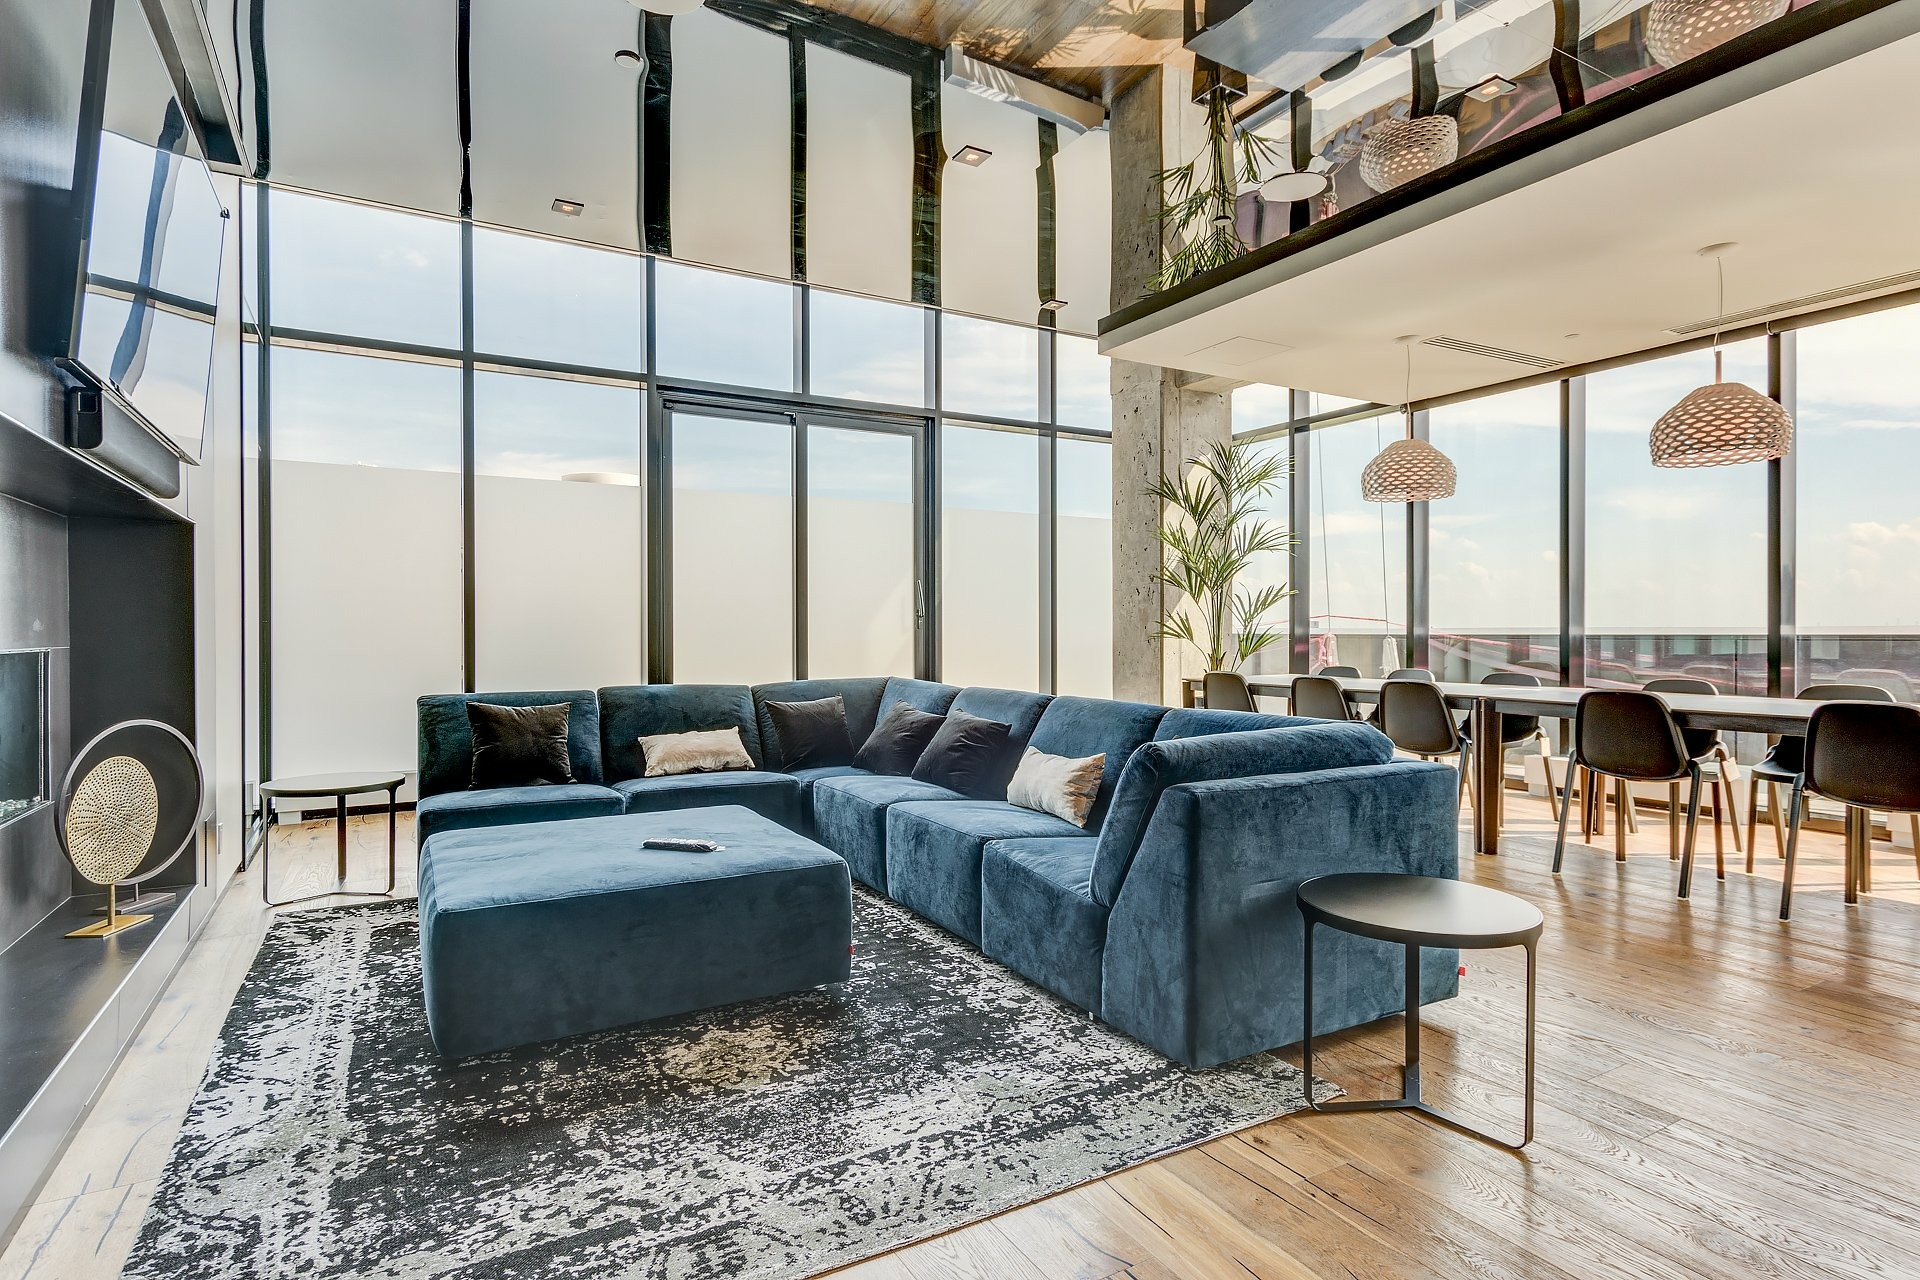 image 14 - Apartment For rent Montréal Ville-Marie  - 4 rooms